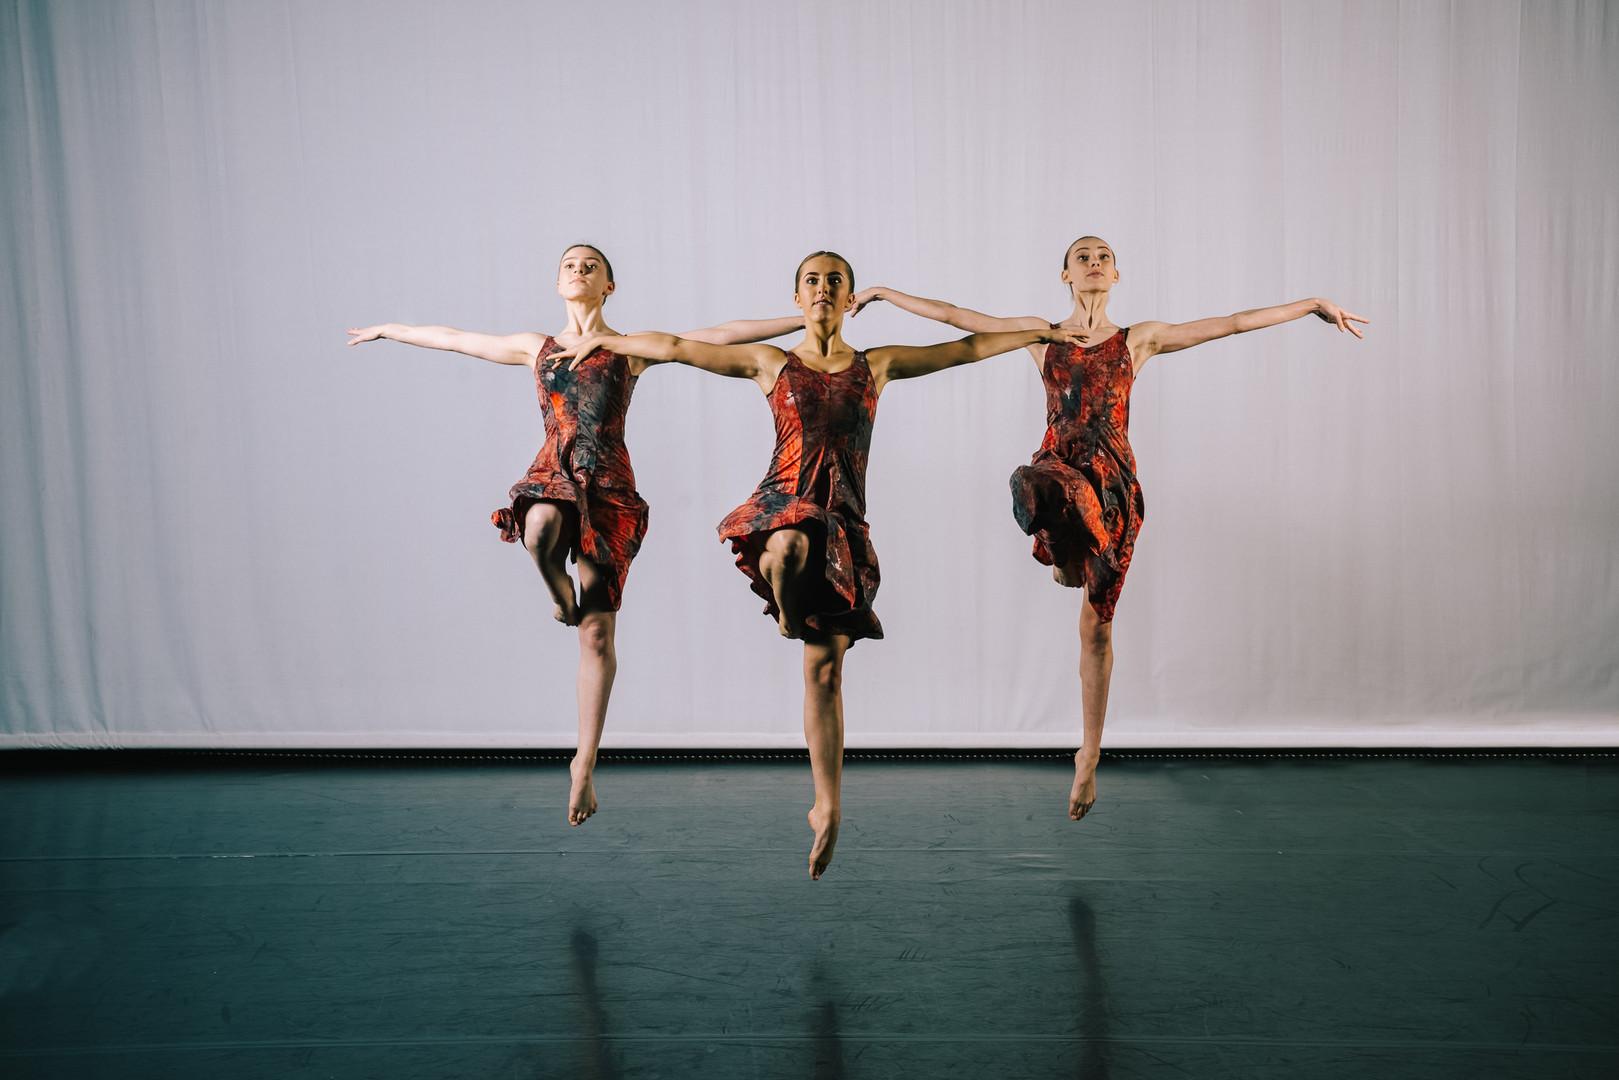 manchester-dance-photographer-34.jpg